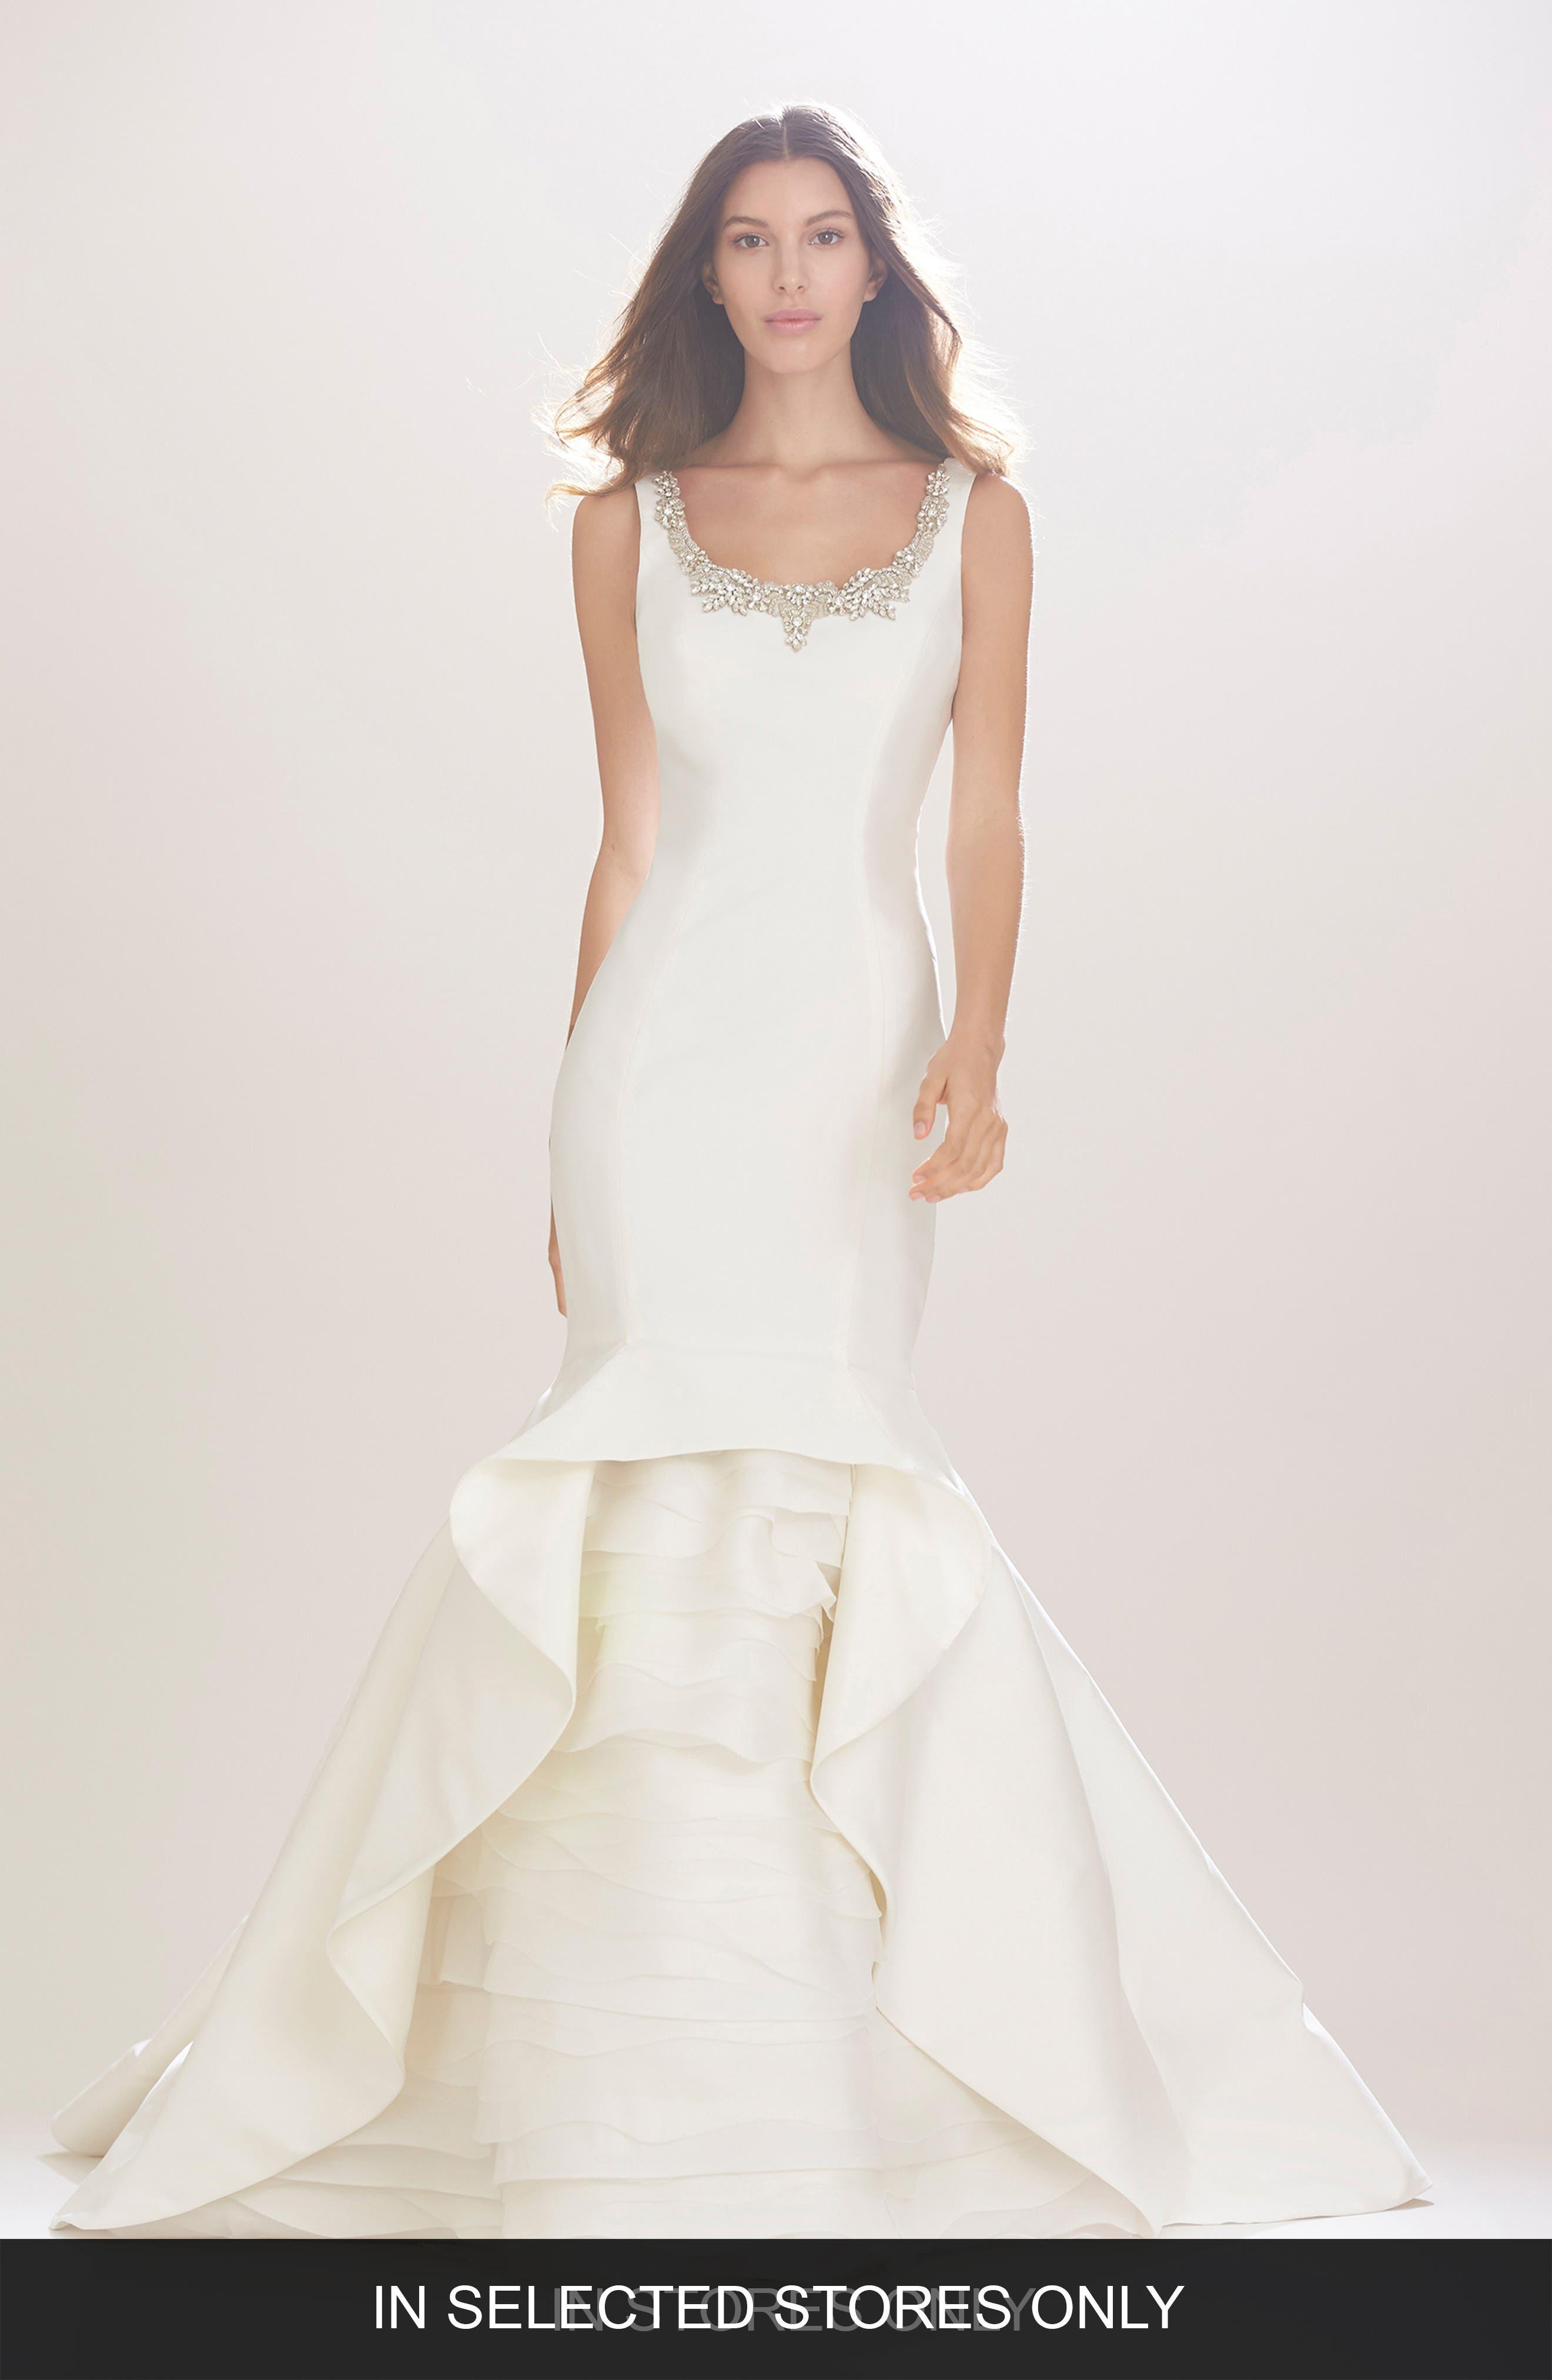 Carolina Herrera Madison Embroidered Scoop Neck Silk Mikado Trumpet Gown with Tiered Organza Underlay